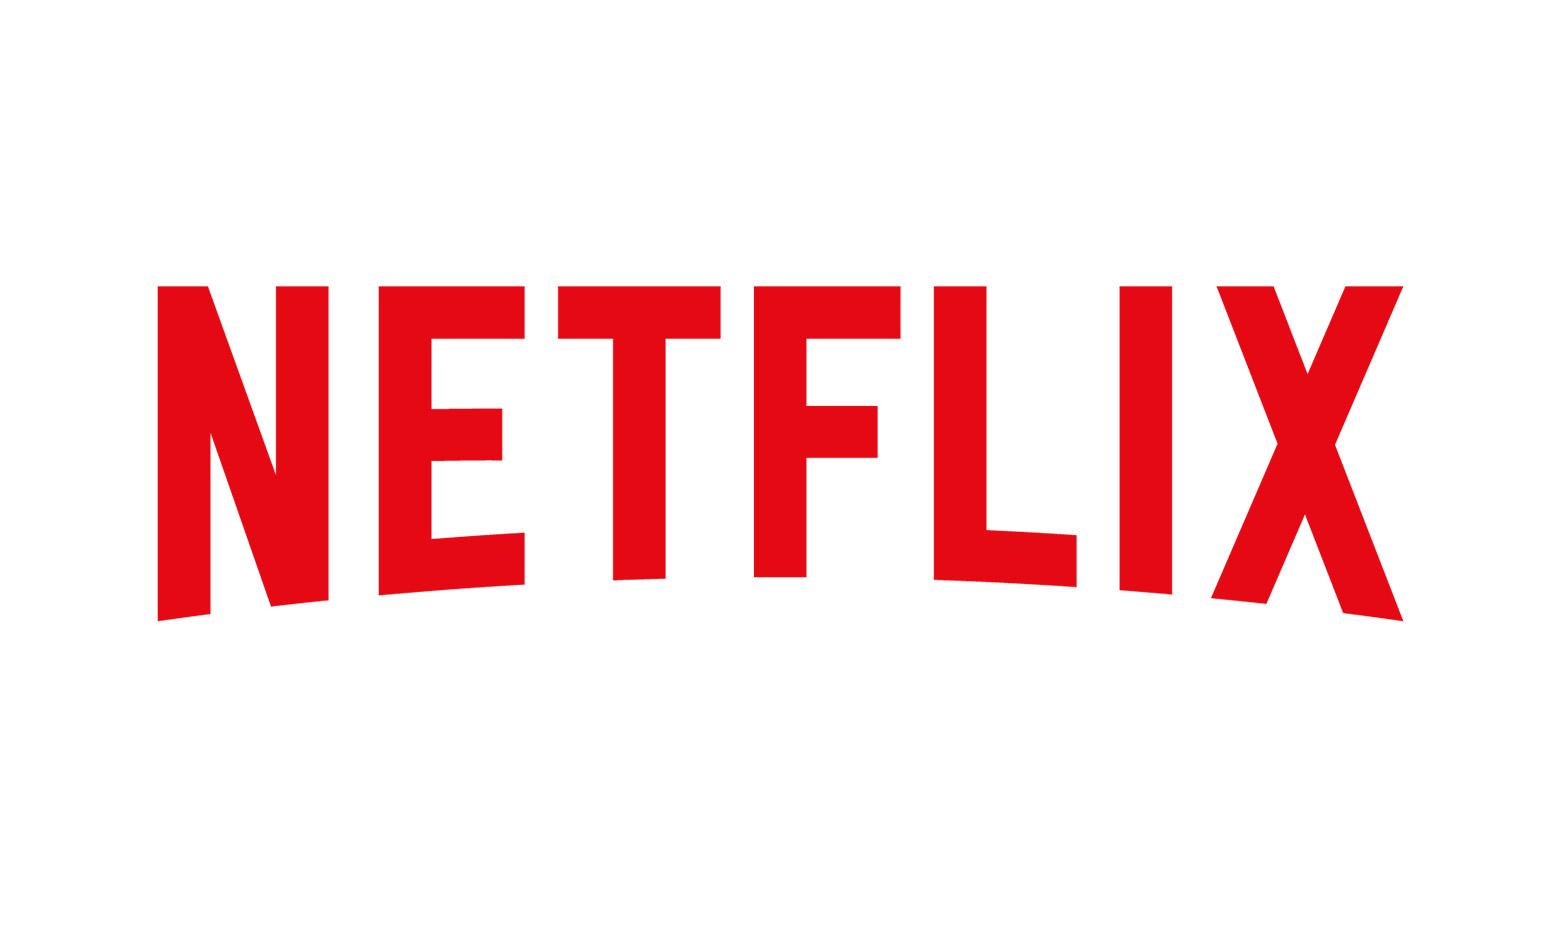 增长破纪录,Netflix 全球订阅用户冲破 1.39 亿